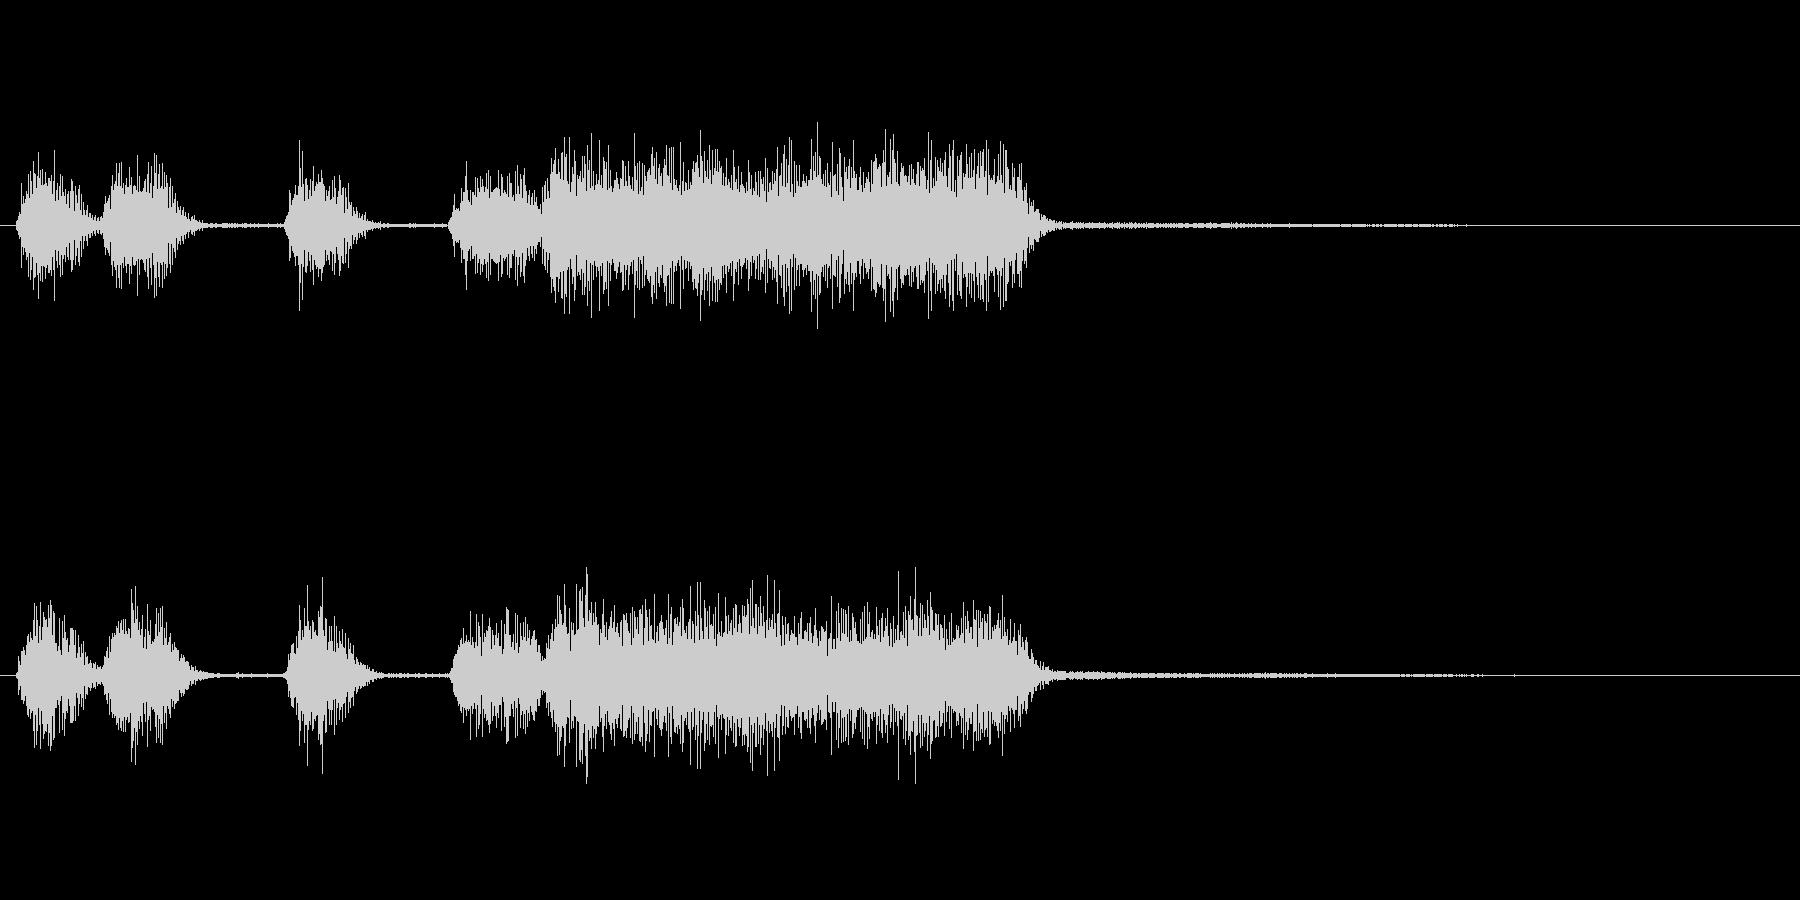 玩具系ファンファーレ-04の未再生の波形